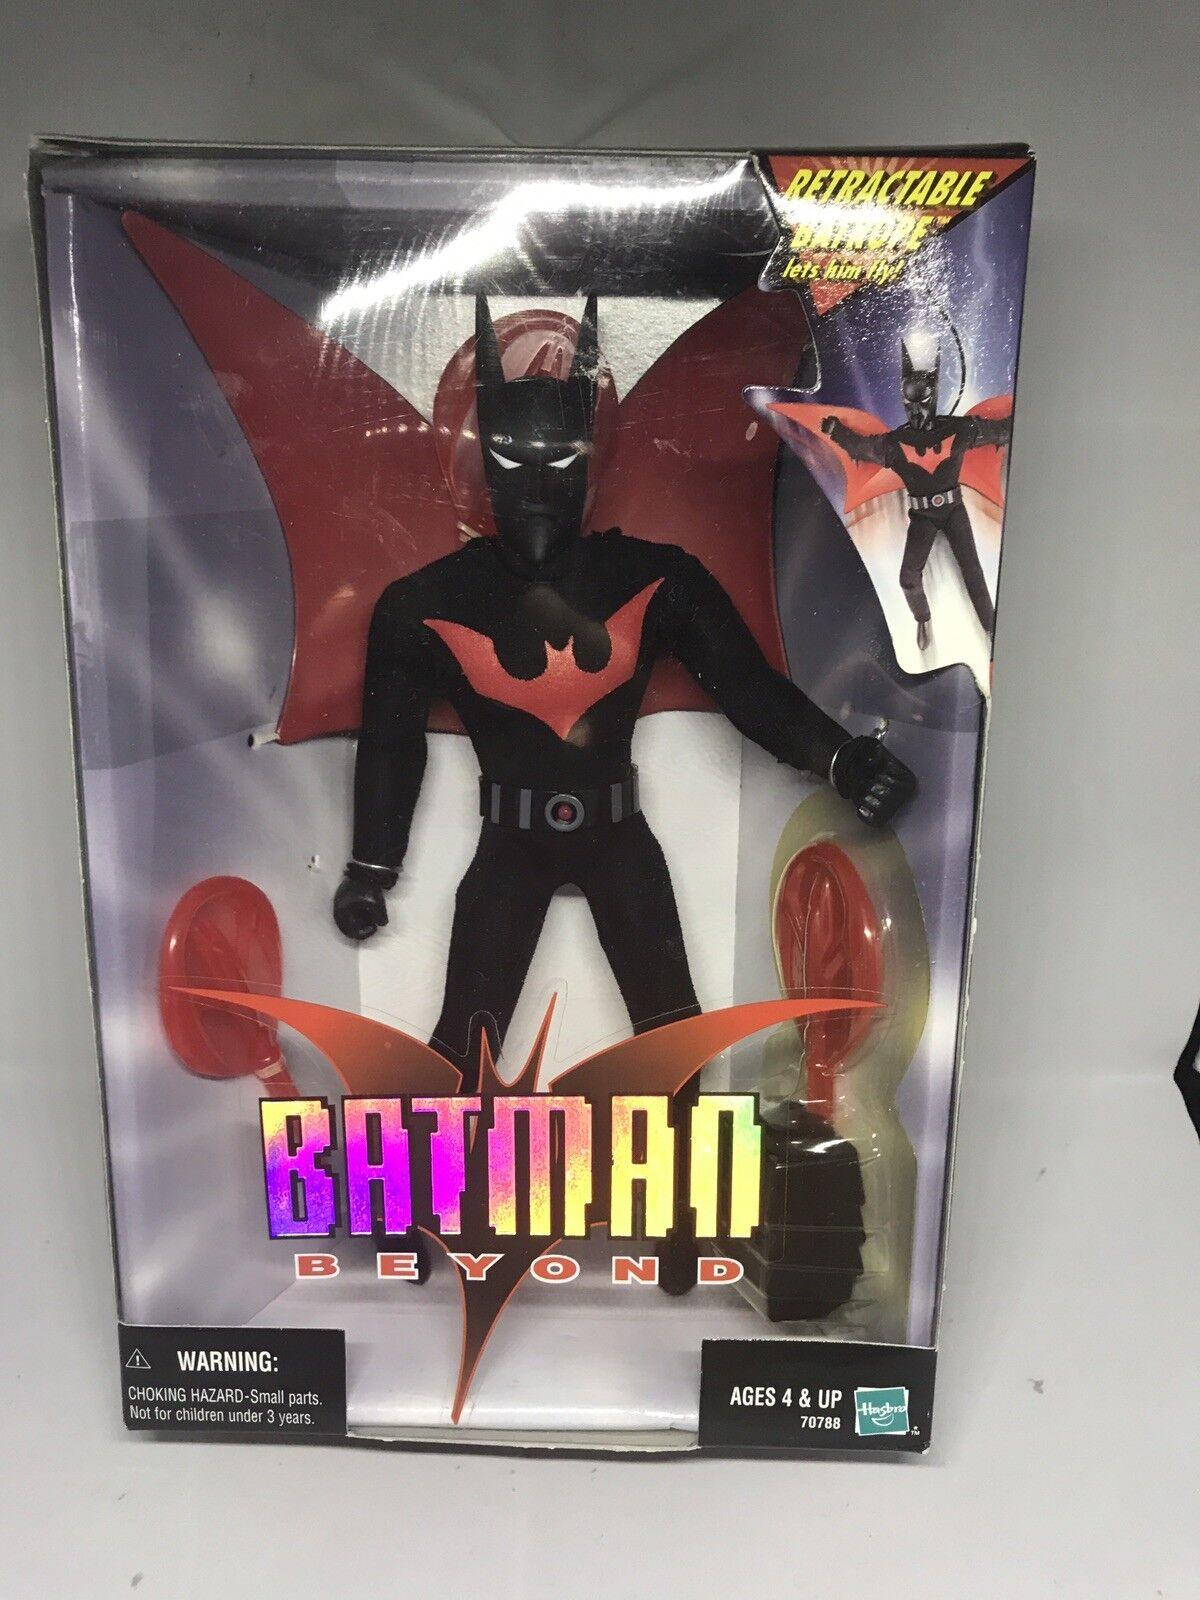 Batman Beyond 9  Présentoir Figure Avec Rétractable Batcorde & Batarang Hasbro 99 New in Box